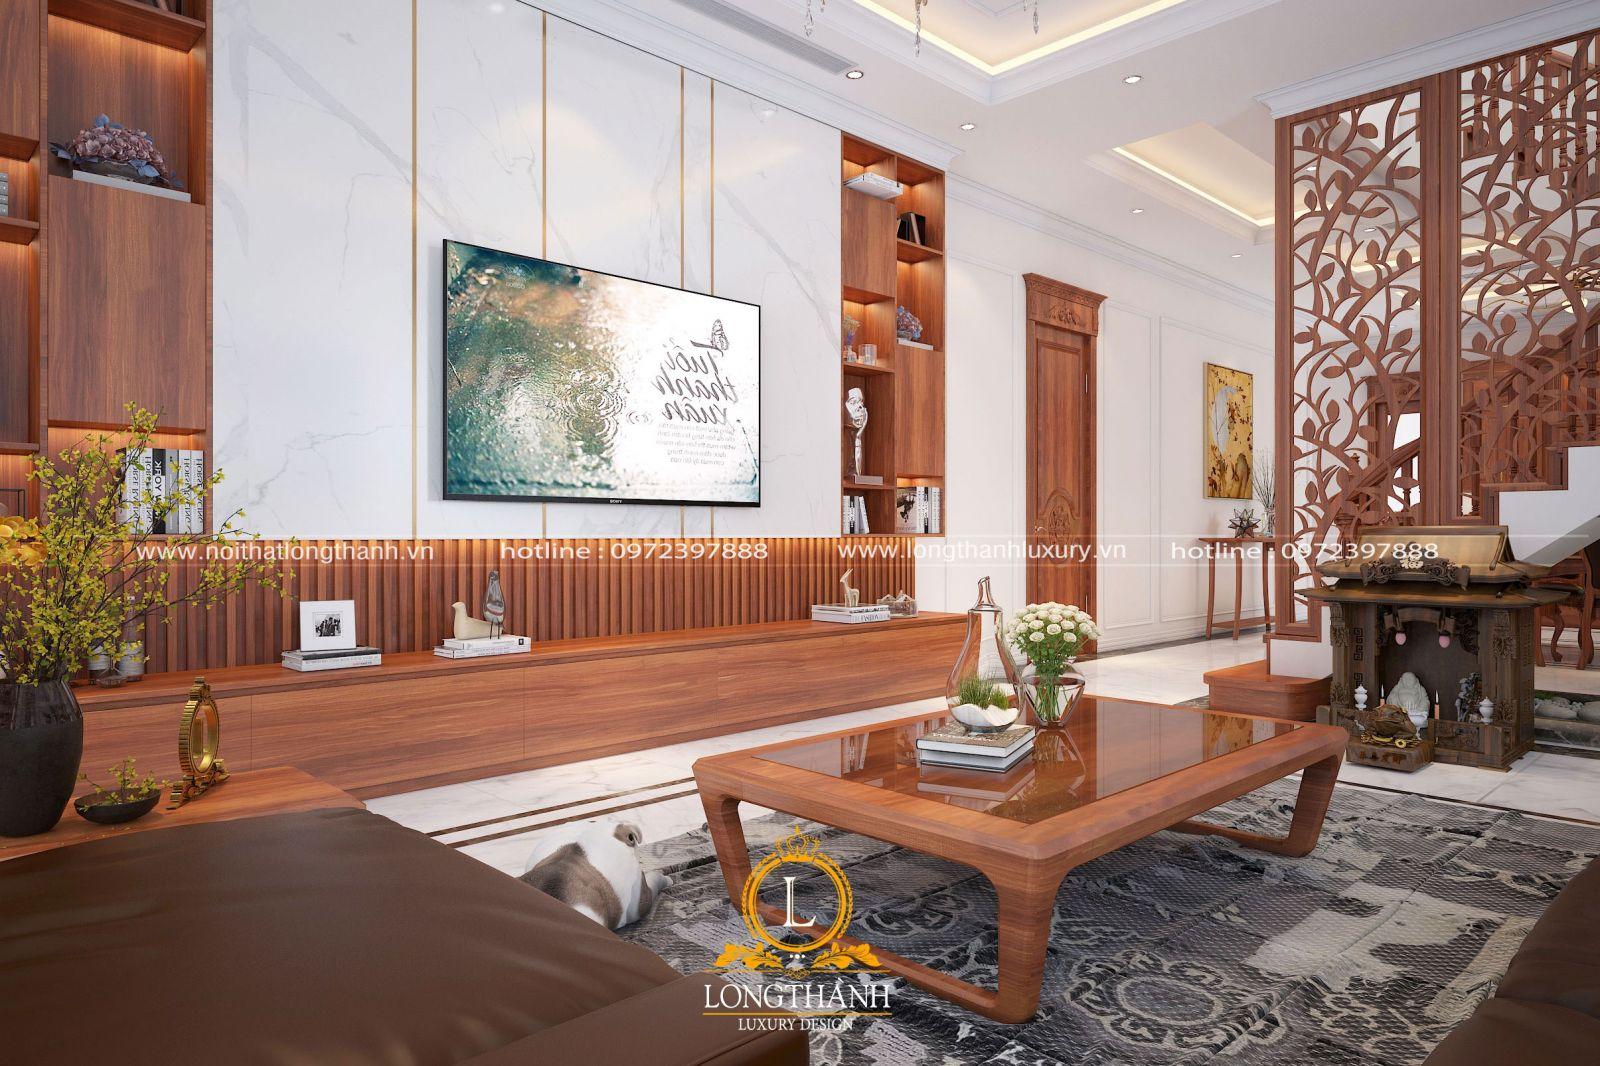 Phòng khách biệt thự với thiết kế hiện đại và sang trọng